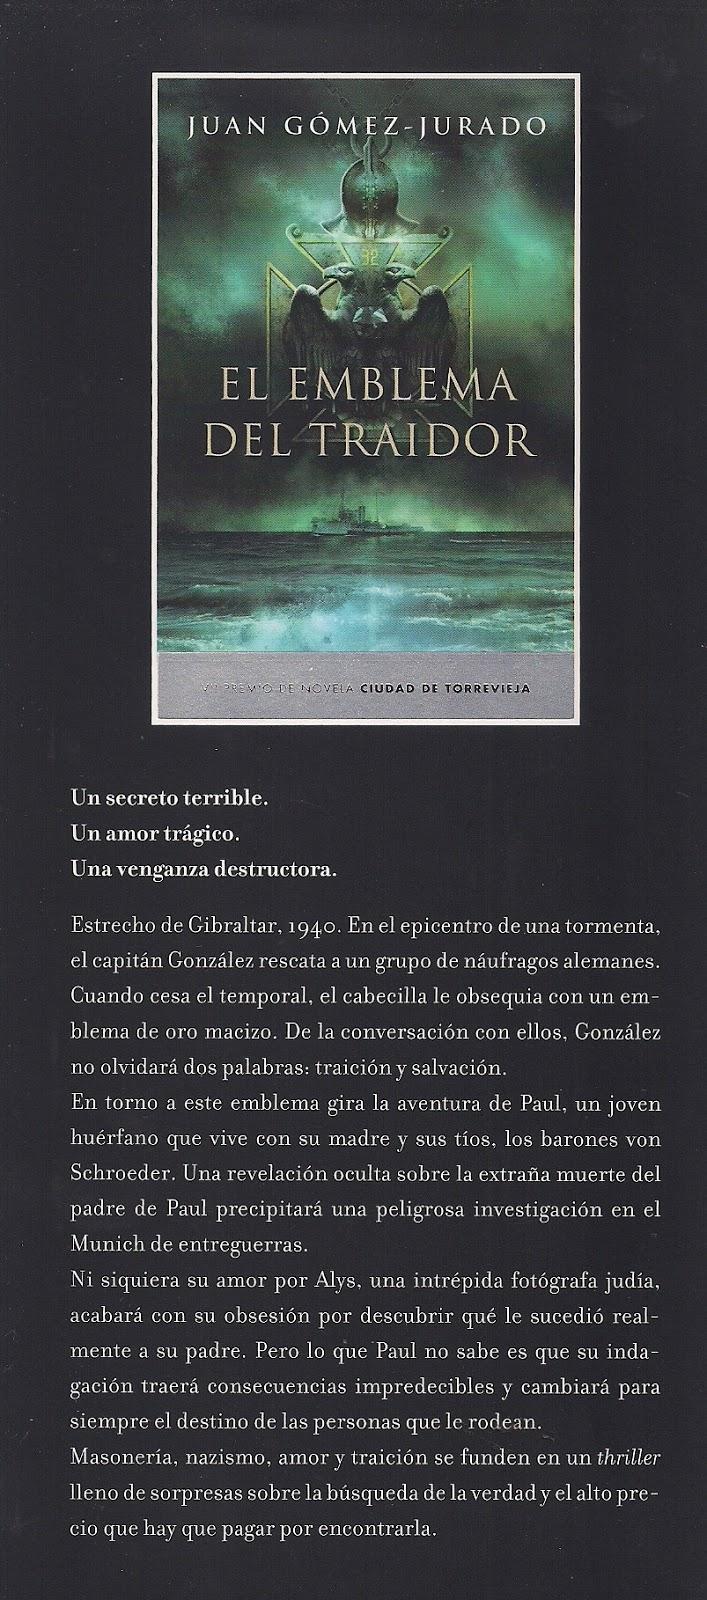 Así comienza El emblema del traidor, el libro con el que Juan Gómez-Jurado  (Madrid, 1977) ganó el Premio Internacional de Novela Ciudad de Torrevieja.